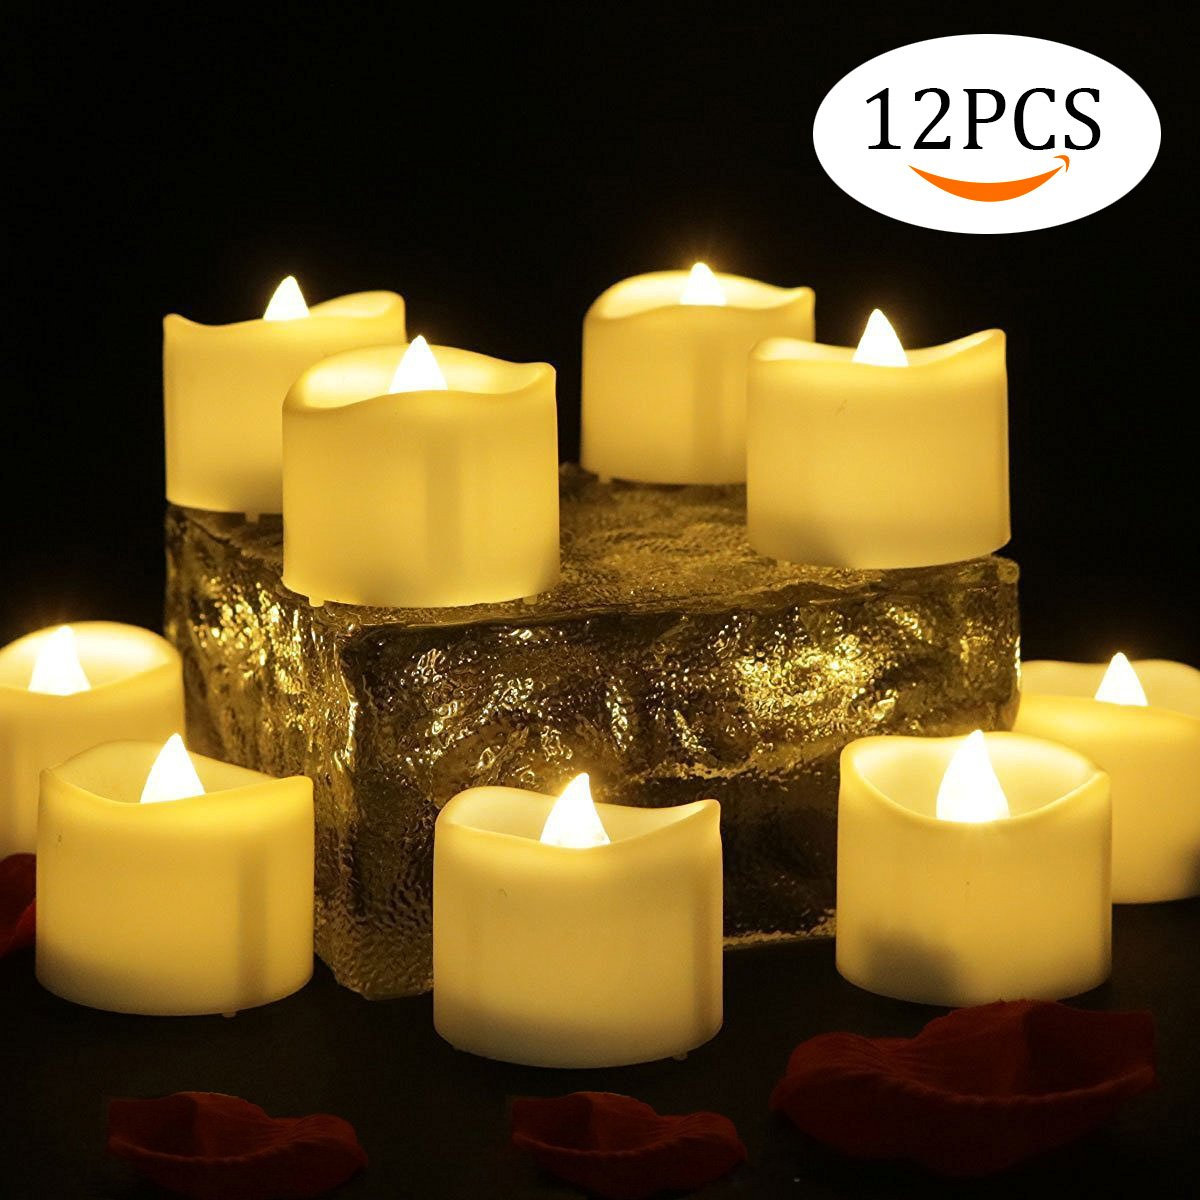 12 PCS Velas LED Luz de la vela del LED Luces Led Amarillo Cálido con Forma de Vela Para la boda, cumpleaños, celebración, Día de San Valentín, fiesta, Halloween, Navidad, decoración del hogar, etc. Omont